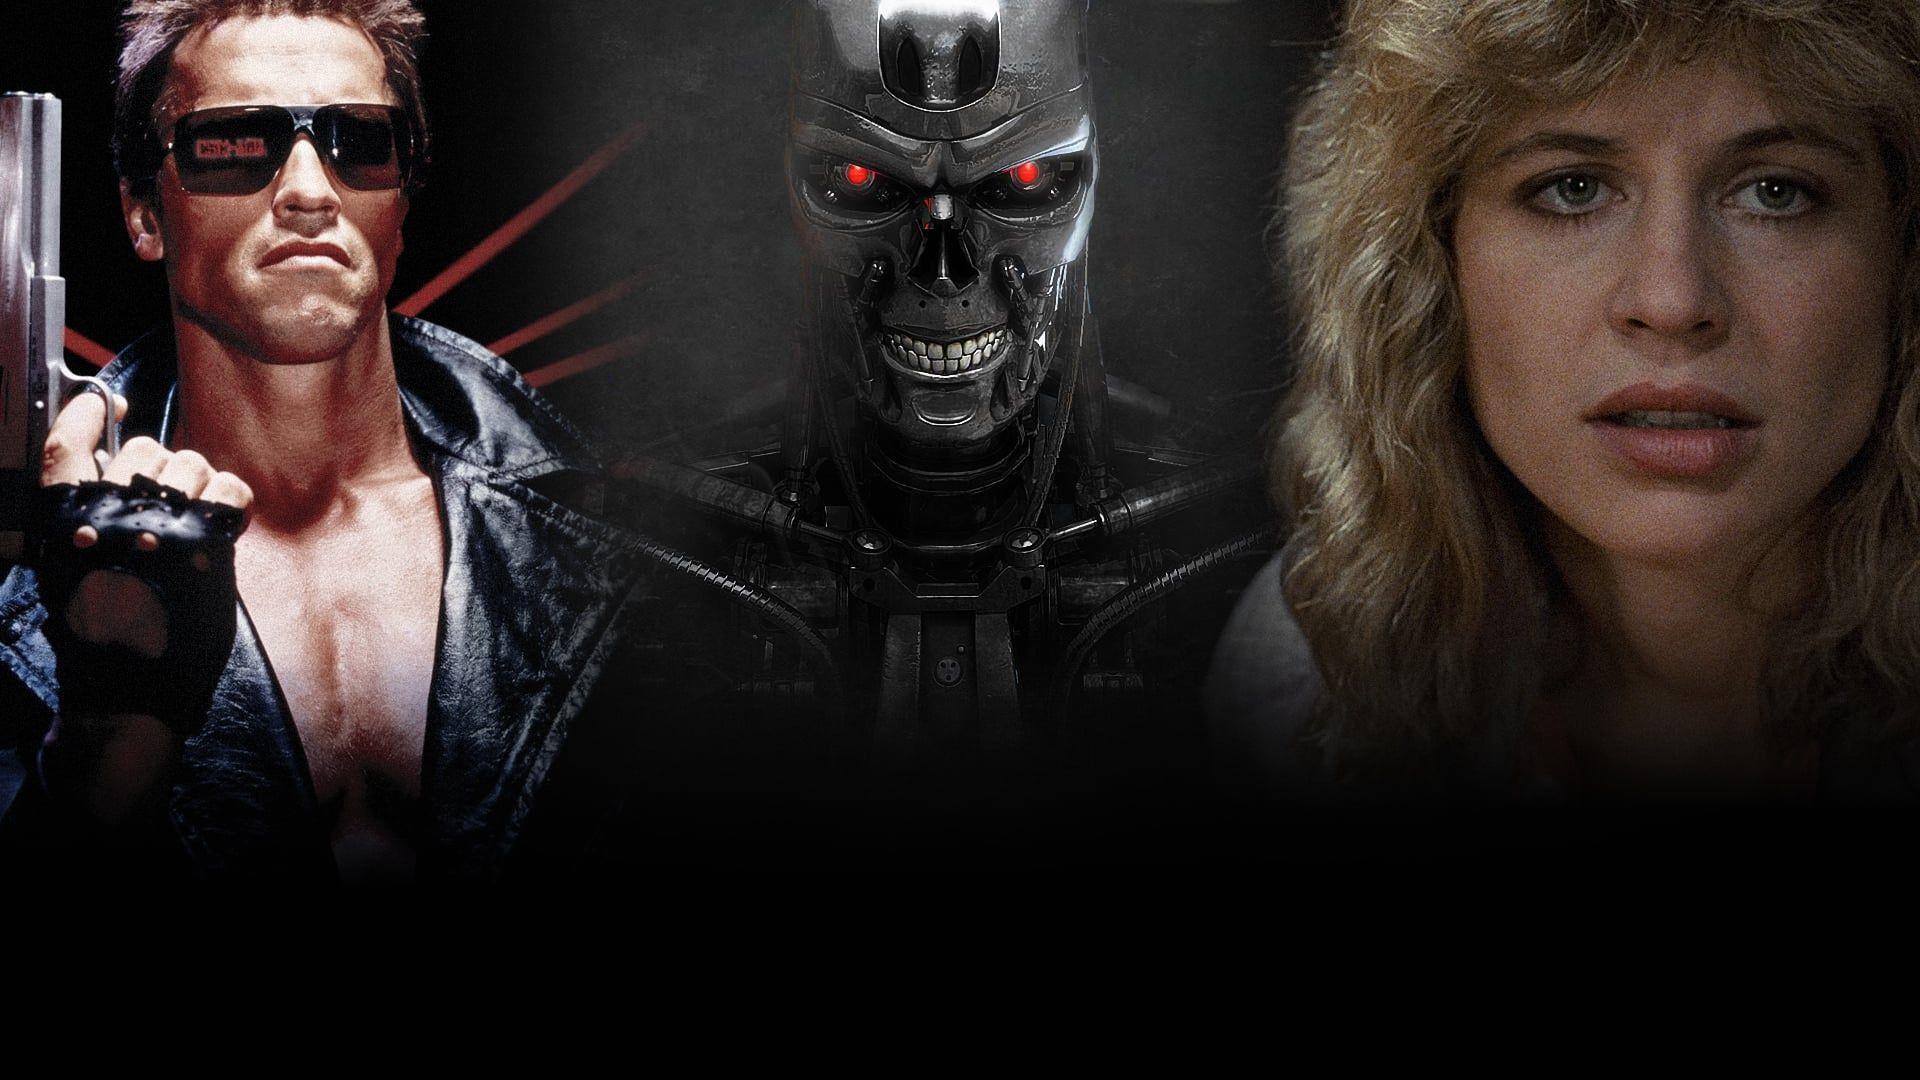 Terminator 1984 Ganzer Film Deutsch Komplett Kino Ein Cyborg Aus Der Zukunft Wird Auf Eine Todliche Missi Terminator Full Movies Online Free Free Movies Online